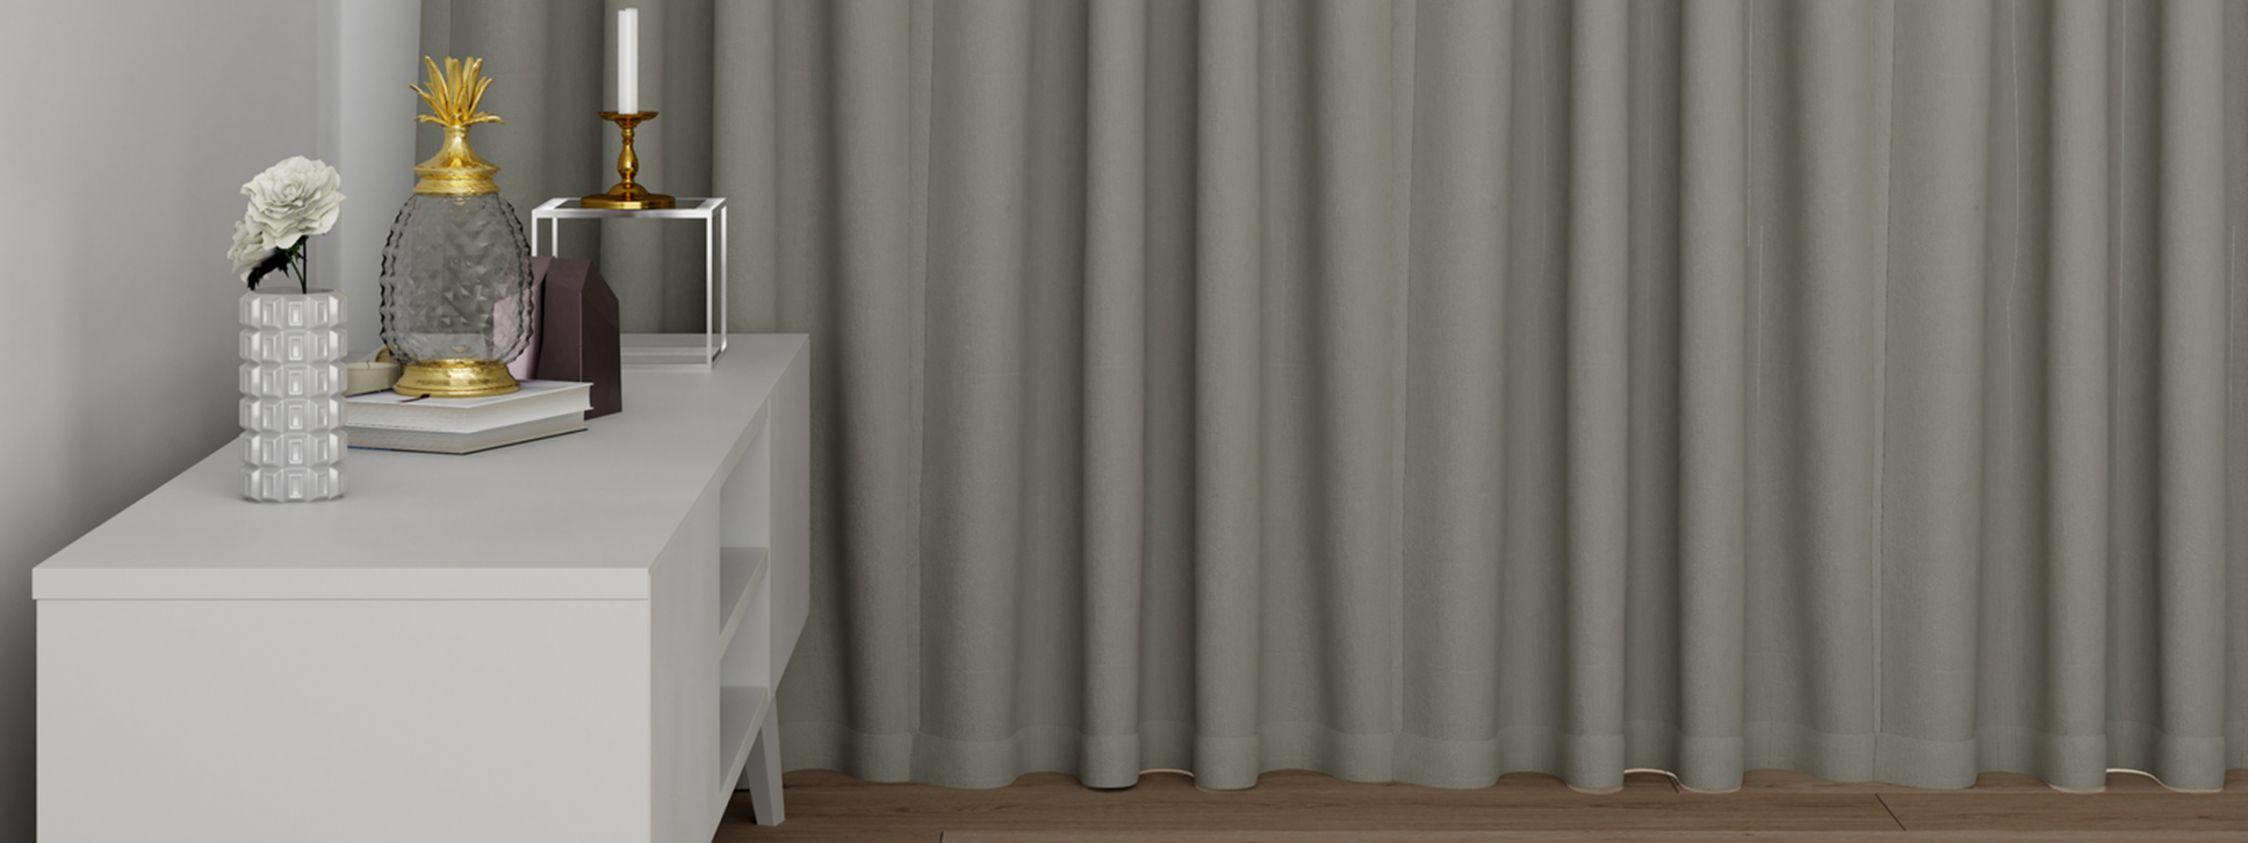 Beiger-Vorhang-fürs-Schlafzimmer_IW595105